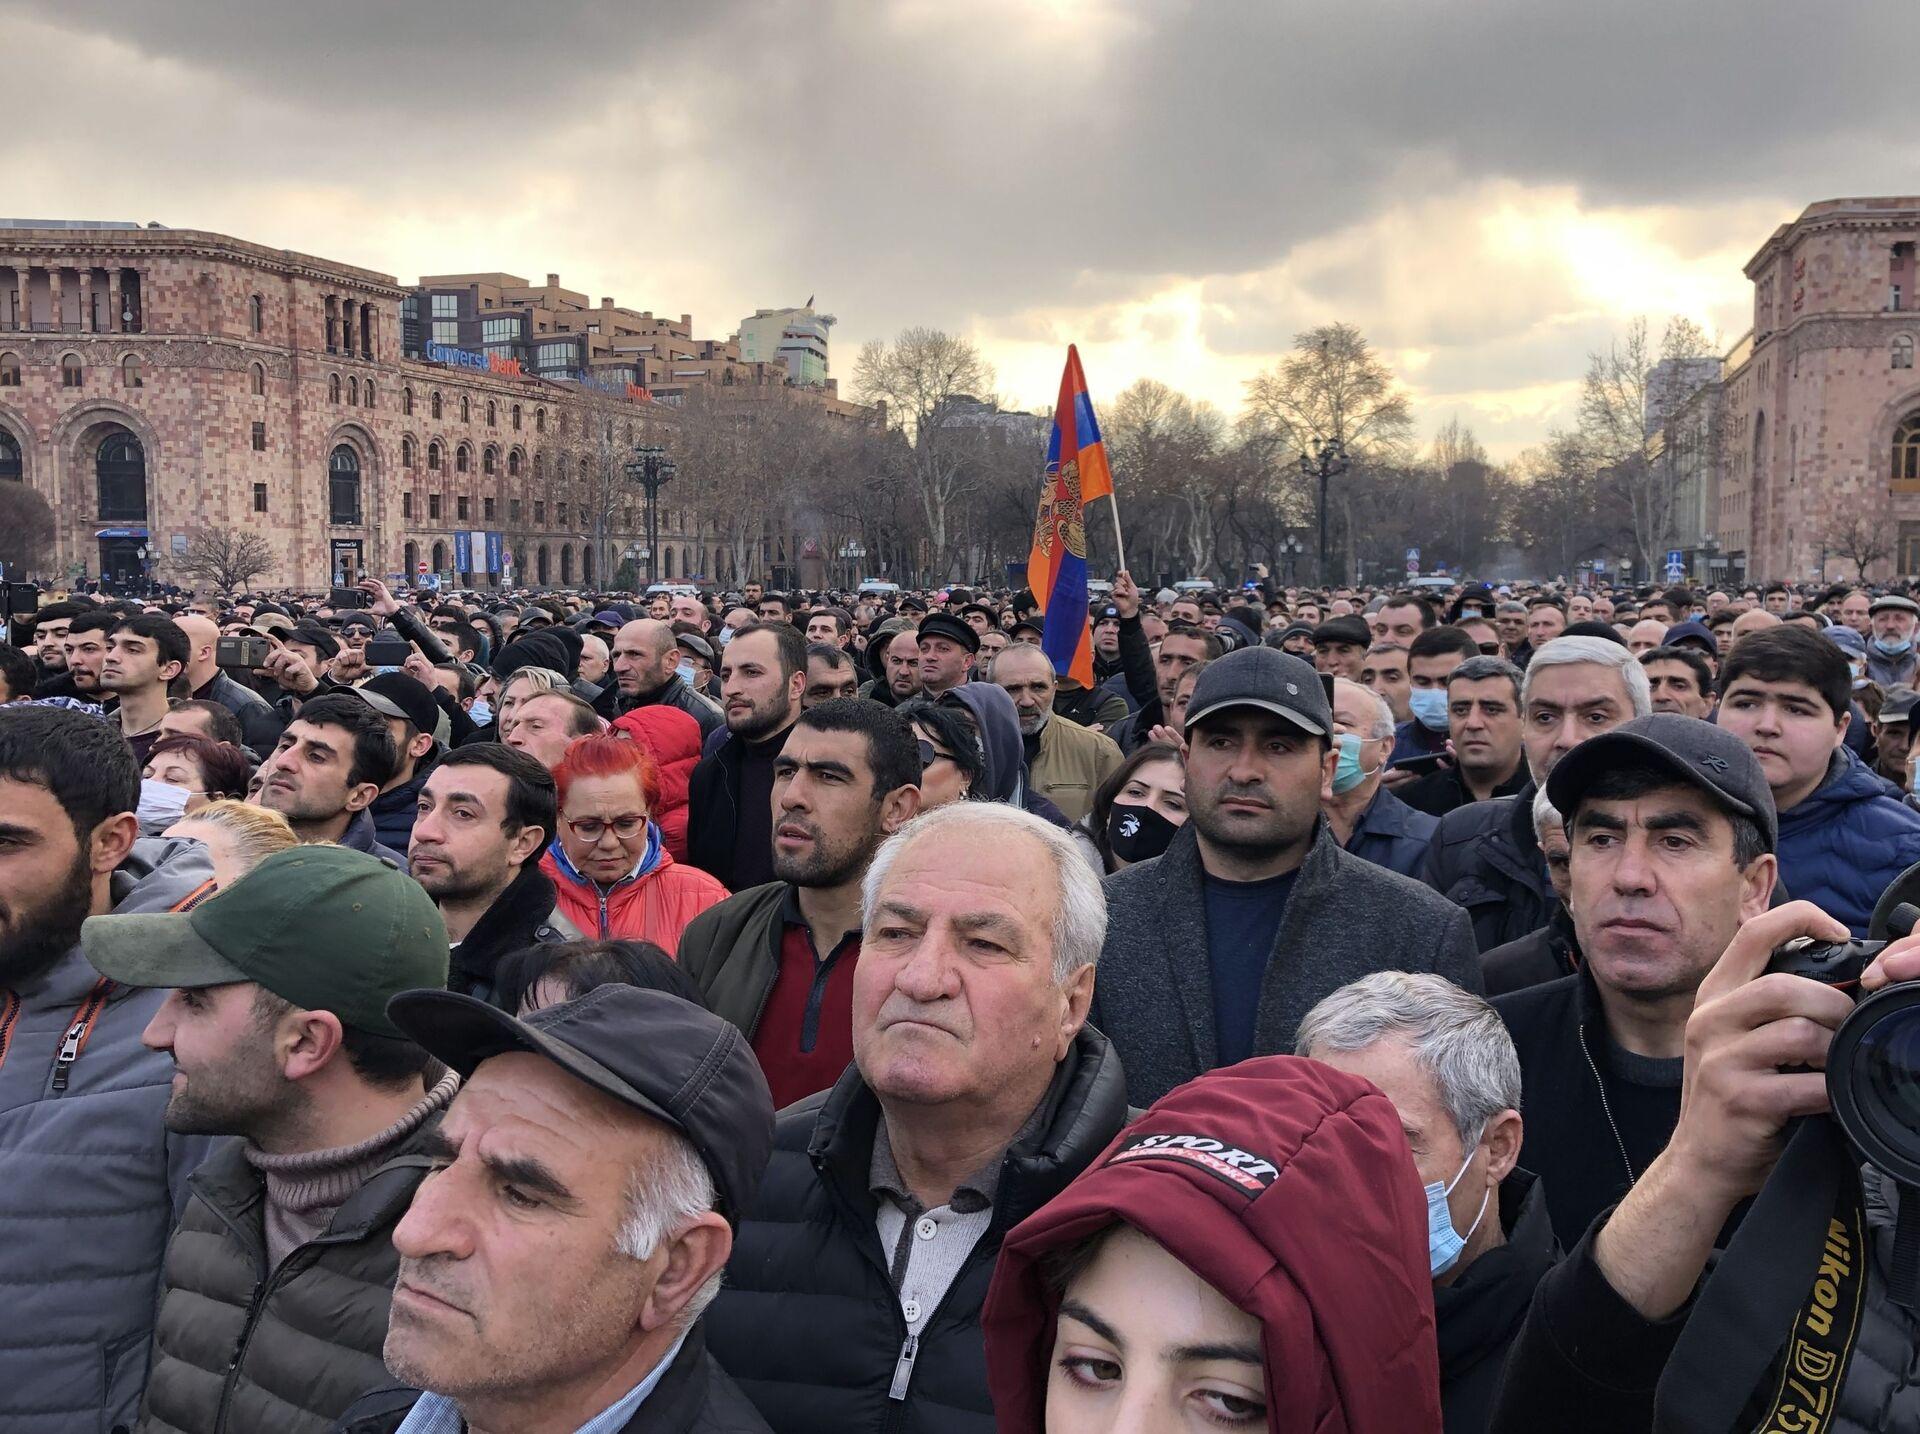 Политический кризис в Армении: что происходит в стране сейчас - Sputnik Беларусь, 1920, 26.02.2021